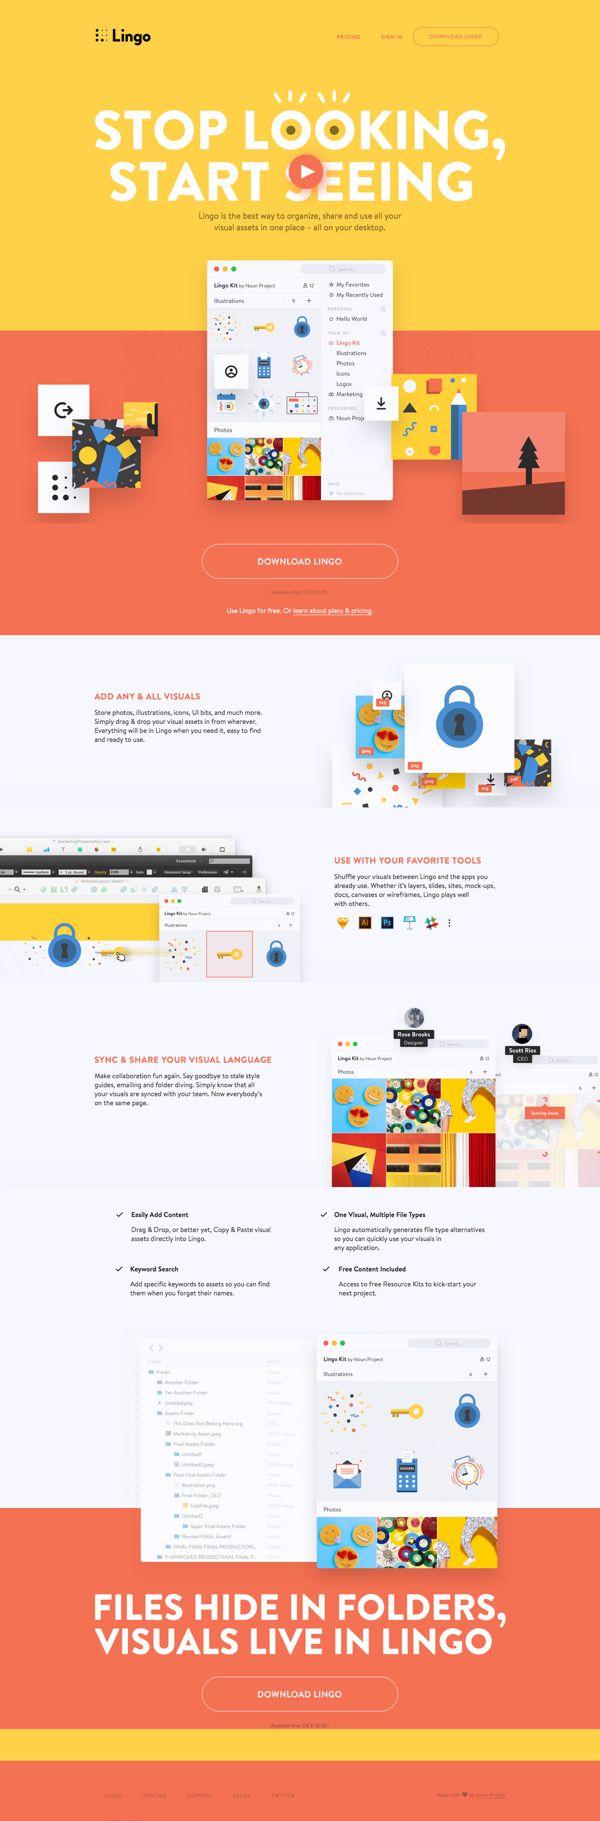 Stop Looking, Start Seeing | Landing Page Design Inspiration